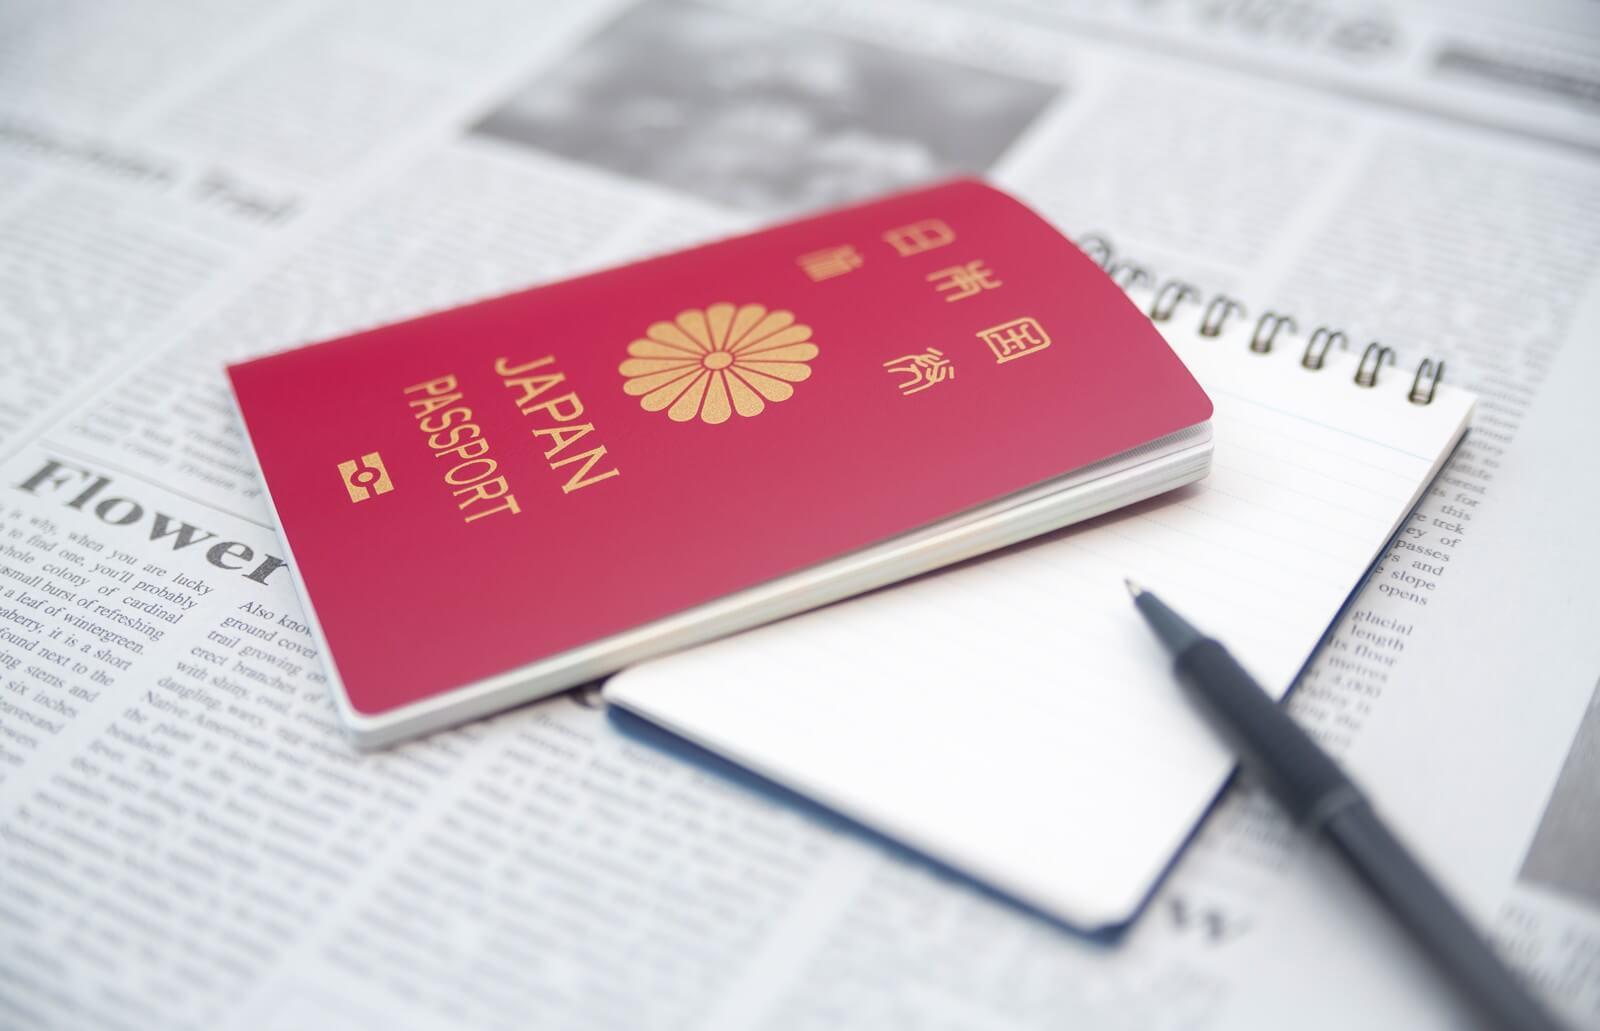 【ベトナム人と国際結婚】短期旅行ビザ取得のためにそろえる書類、手続き